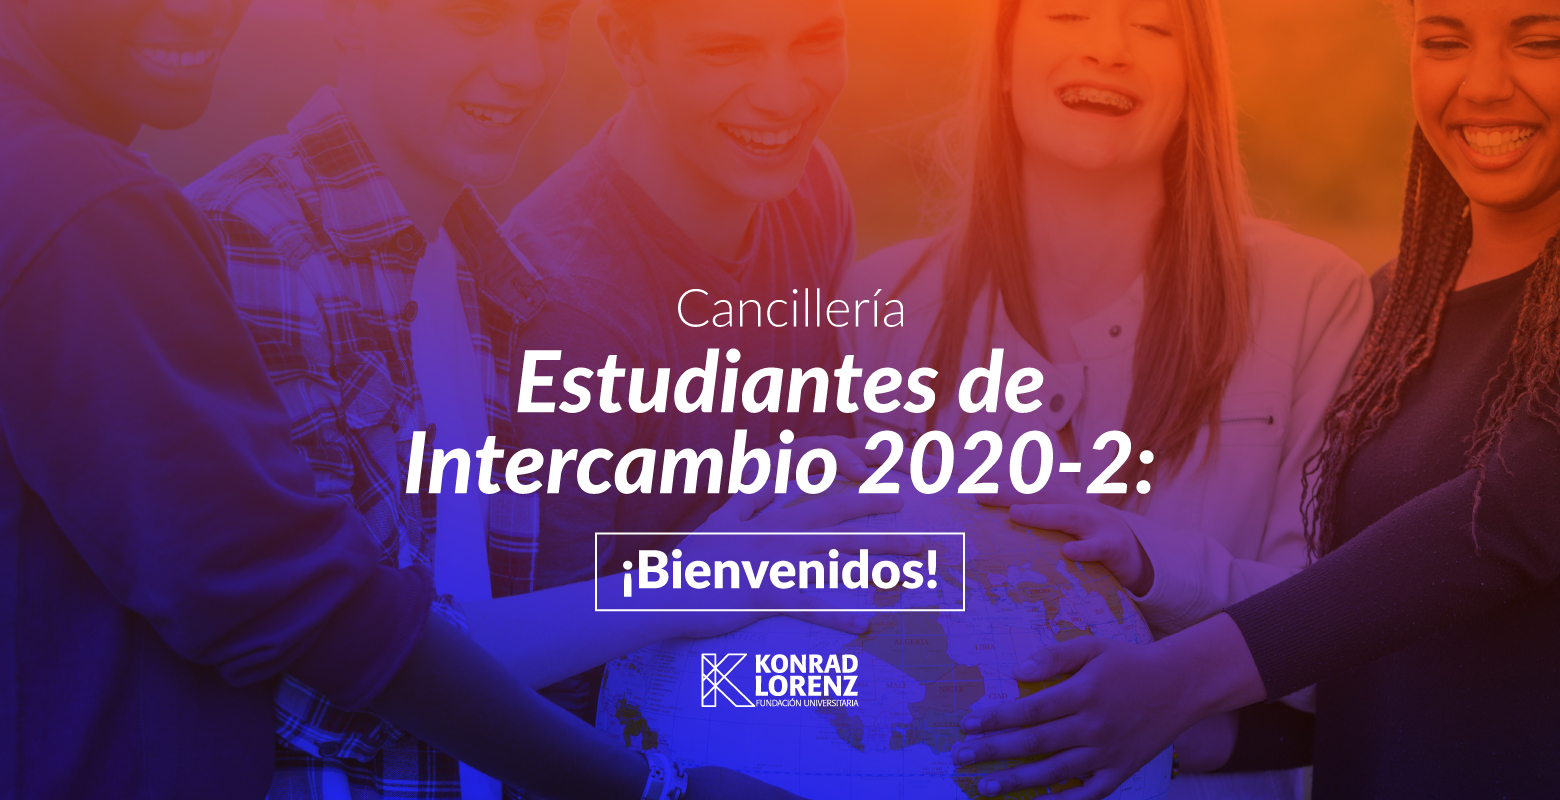 Estudiantes de Intercambio 2020-2: ¡Bienvenidos!